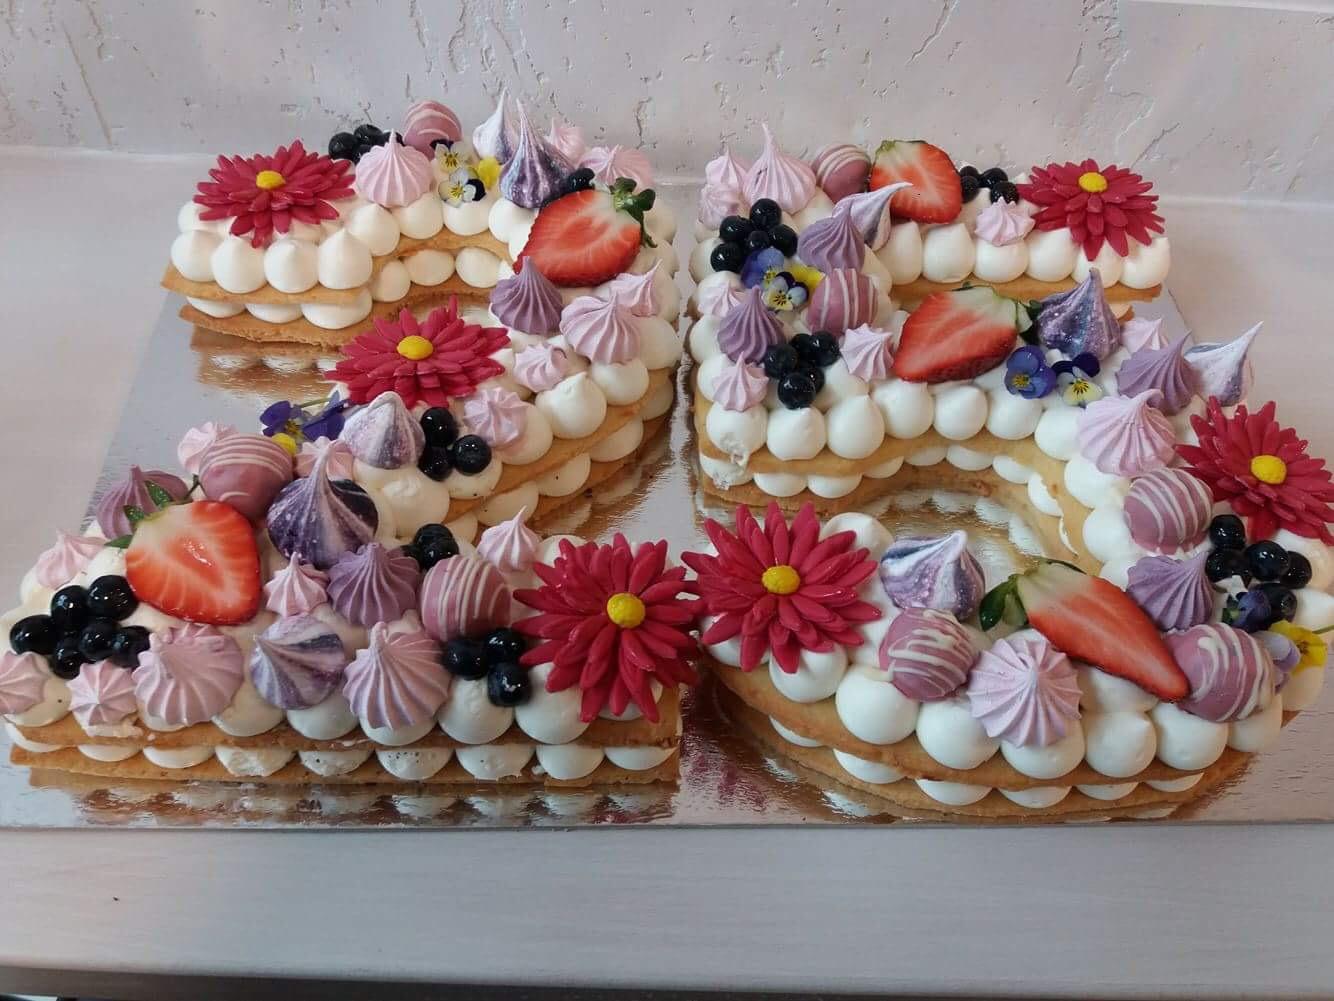 szülinapi torta 25 Szülinapi torta csoda   M.Á.K. Cukrászda szülinapi torta 25